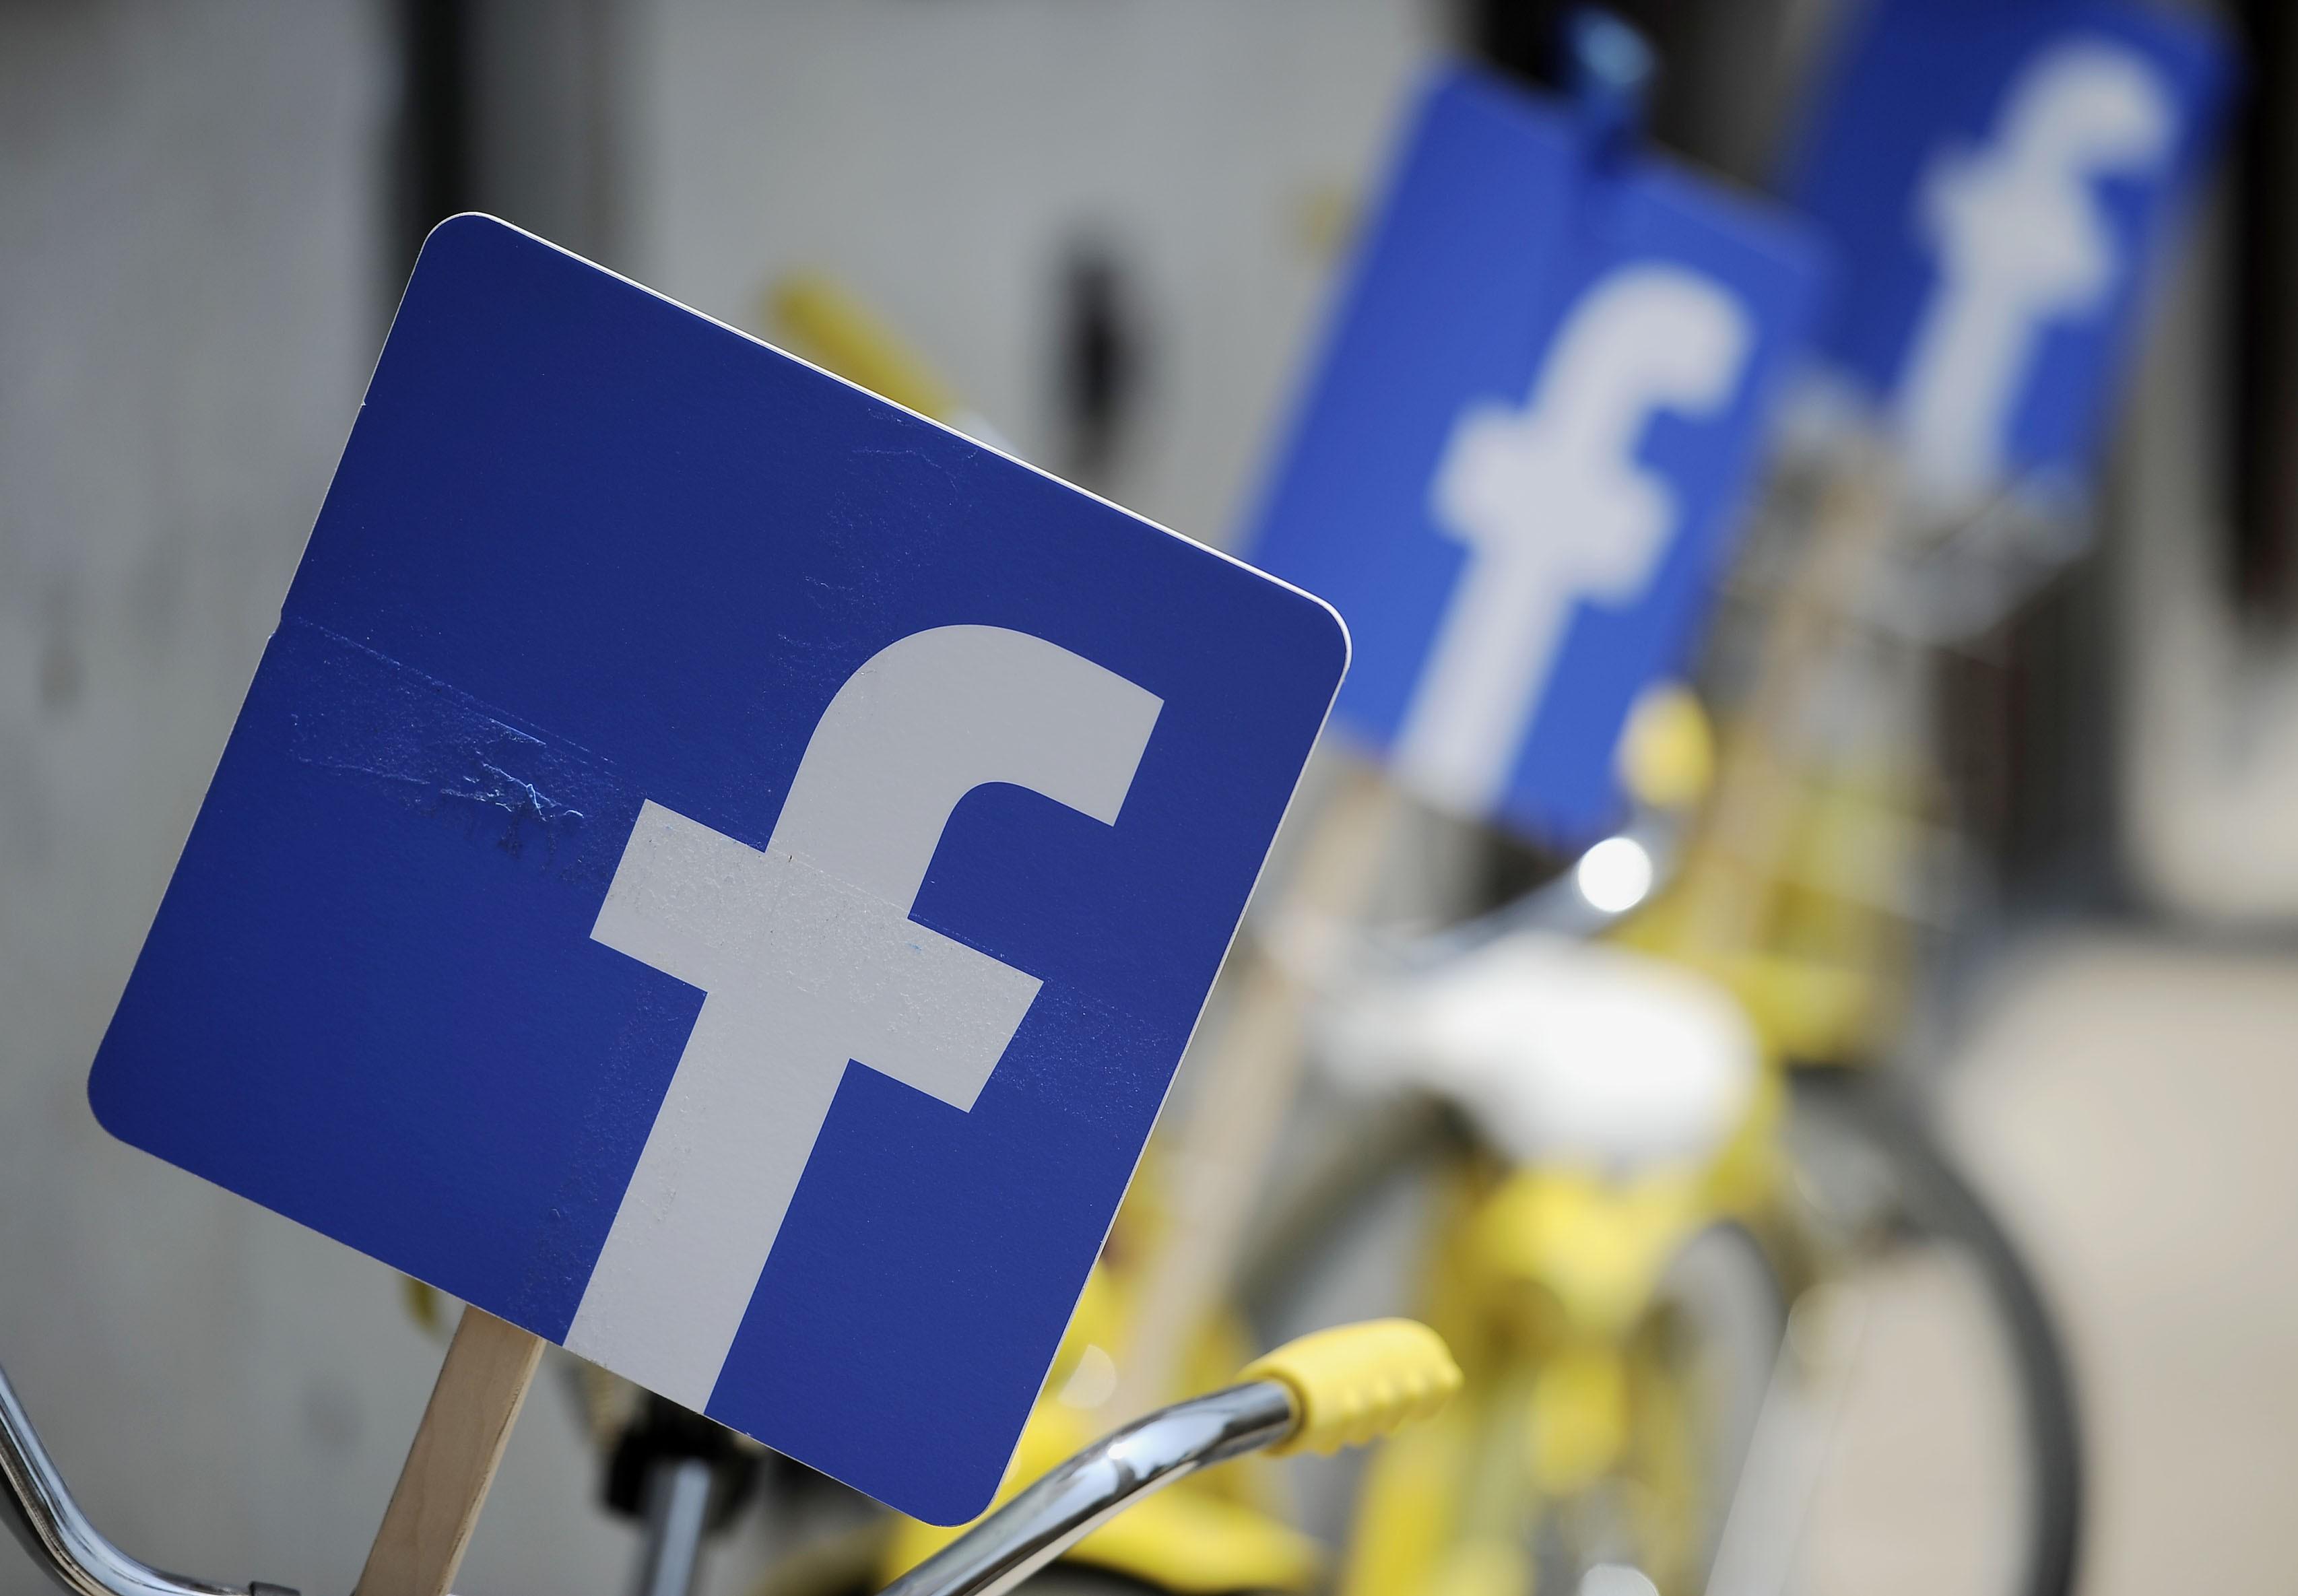 Стоимость акций Facebook впервые превысила 100 долларов